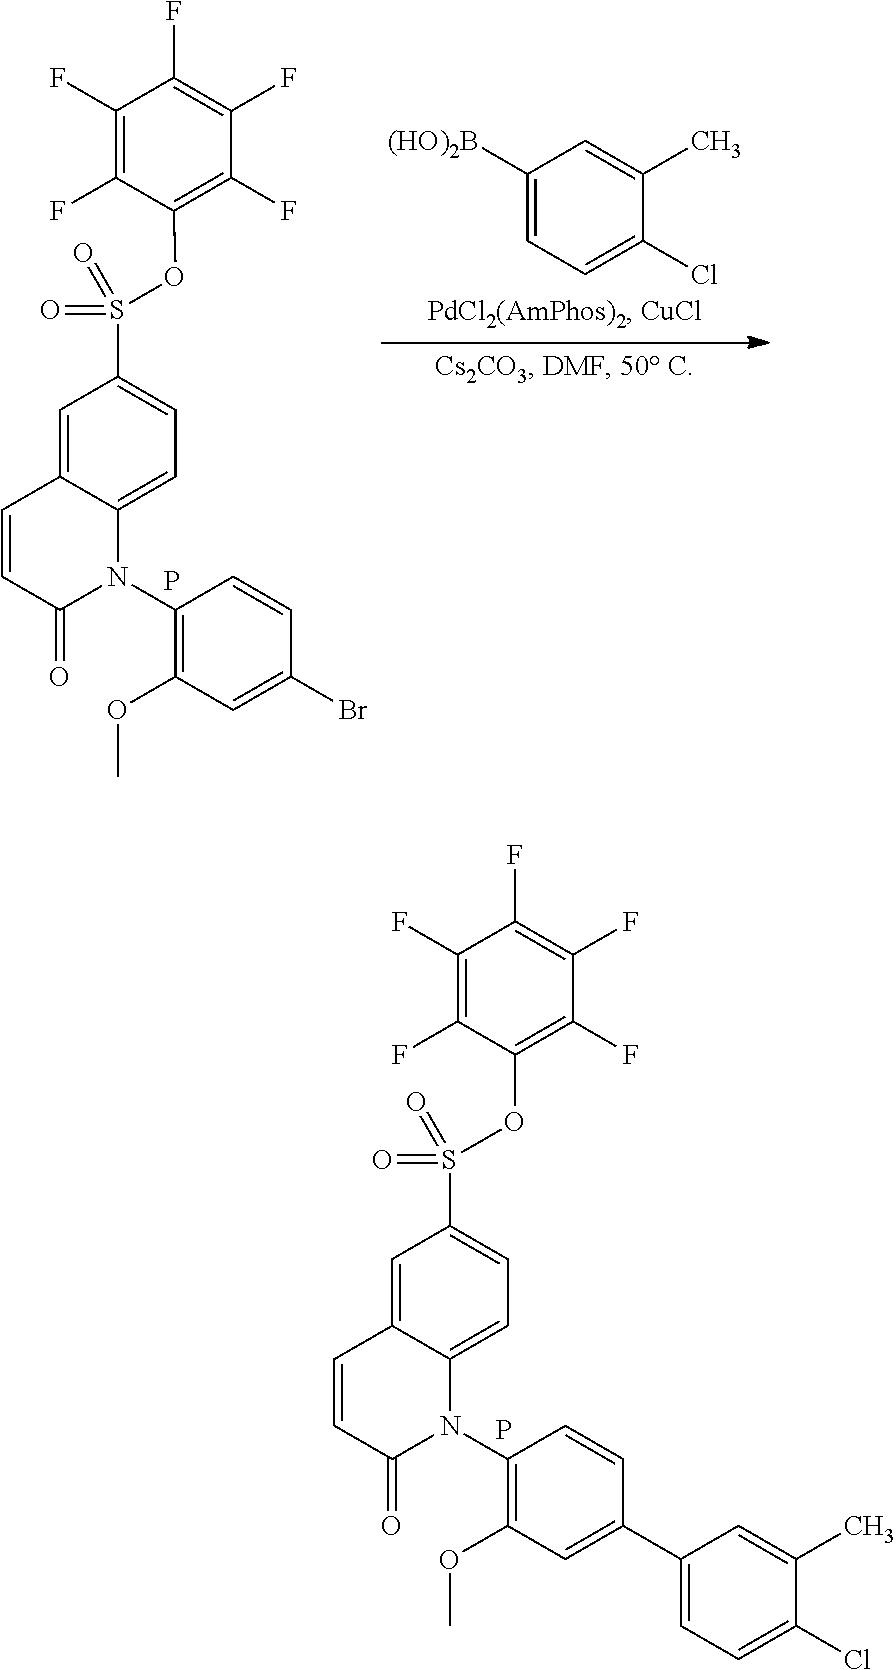 Figure US09212182-20151215-C00052